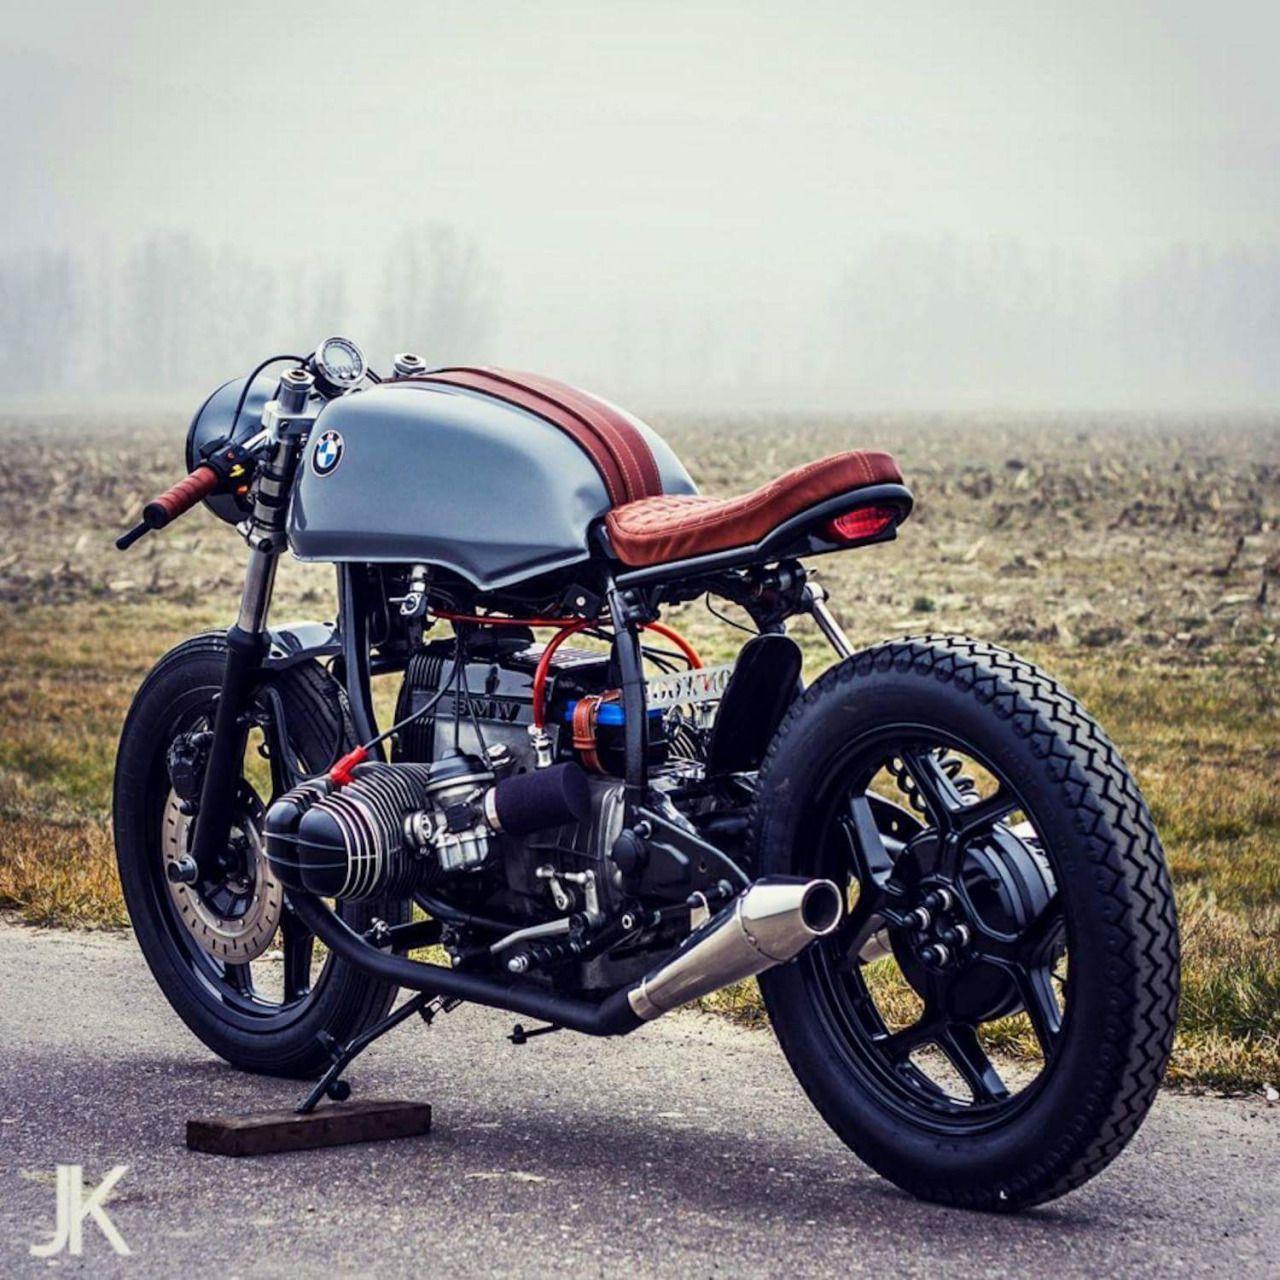 bmw cafe racer - honda tank #motorcycles #caferacer #motos